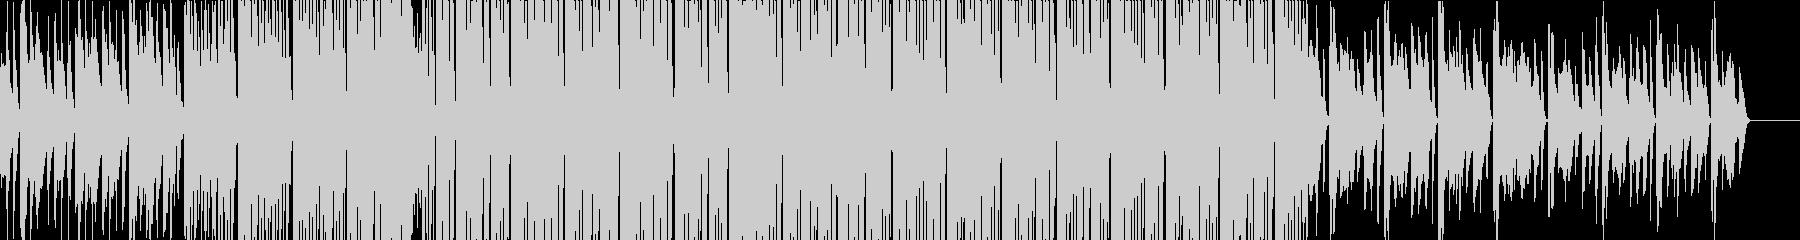 明るく元気なFuture Bassの未再生の波形